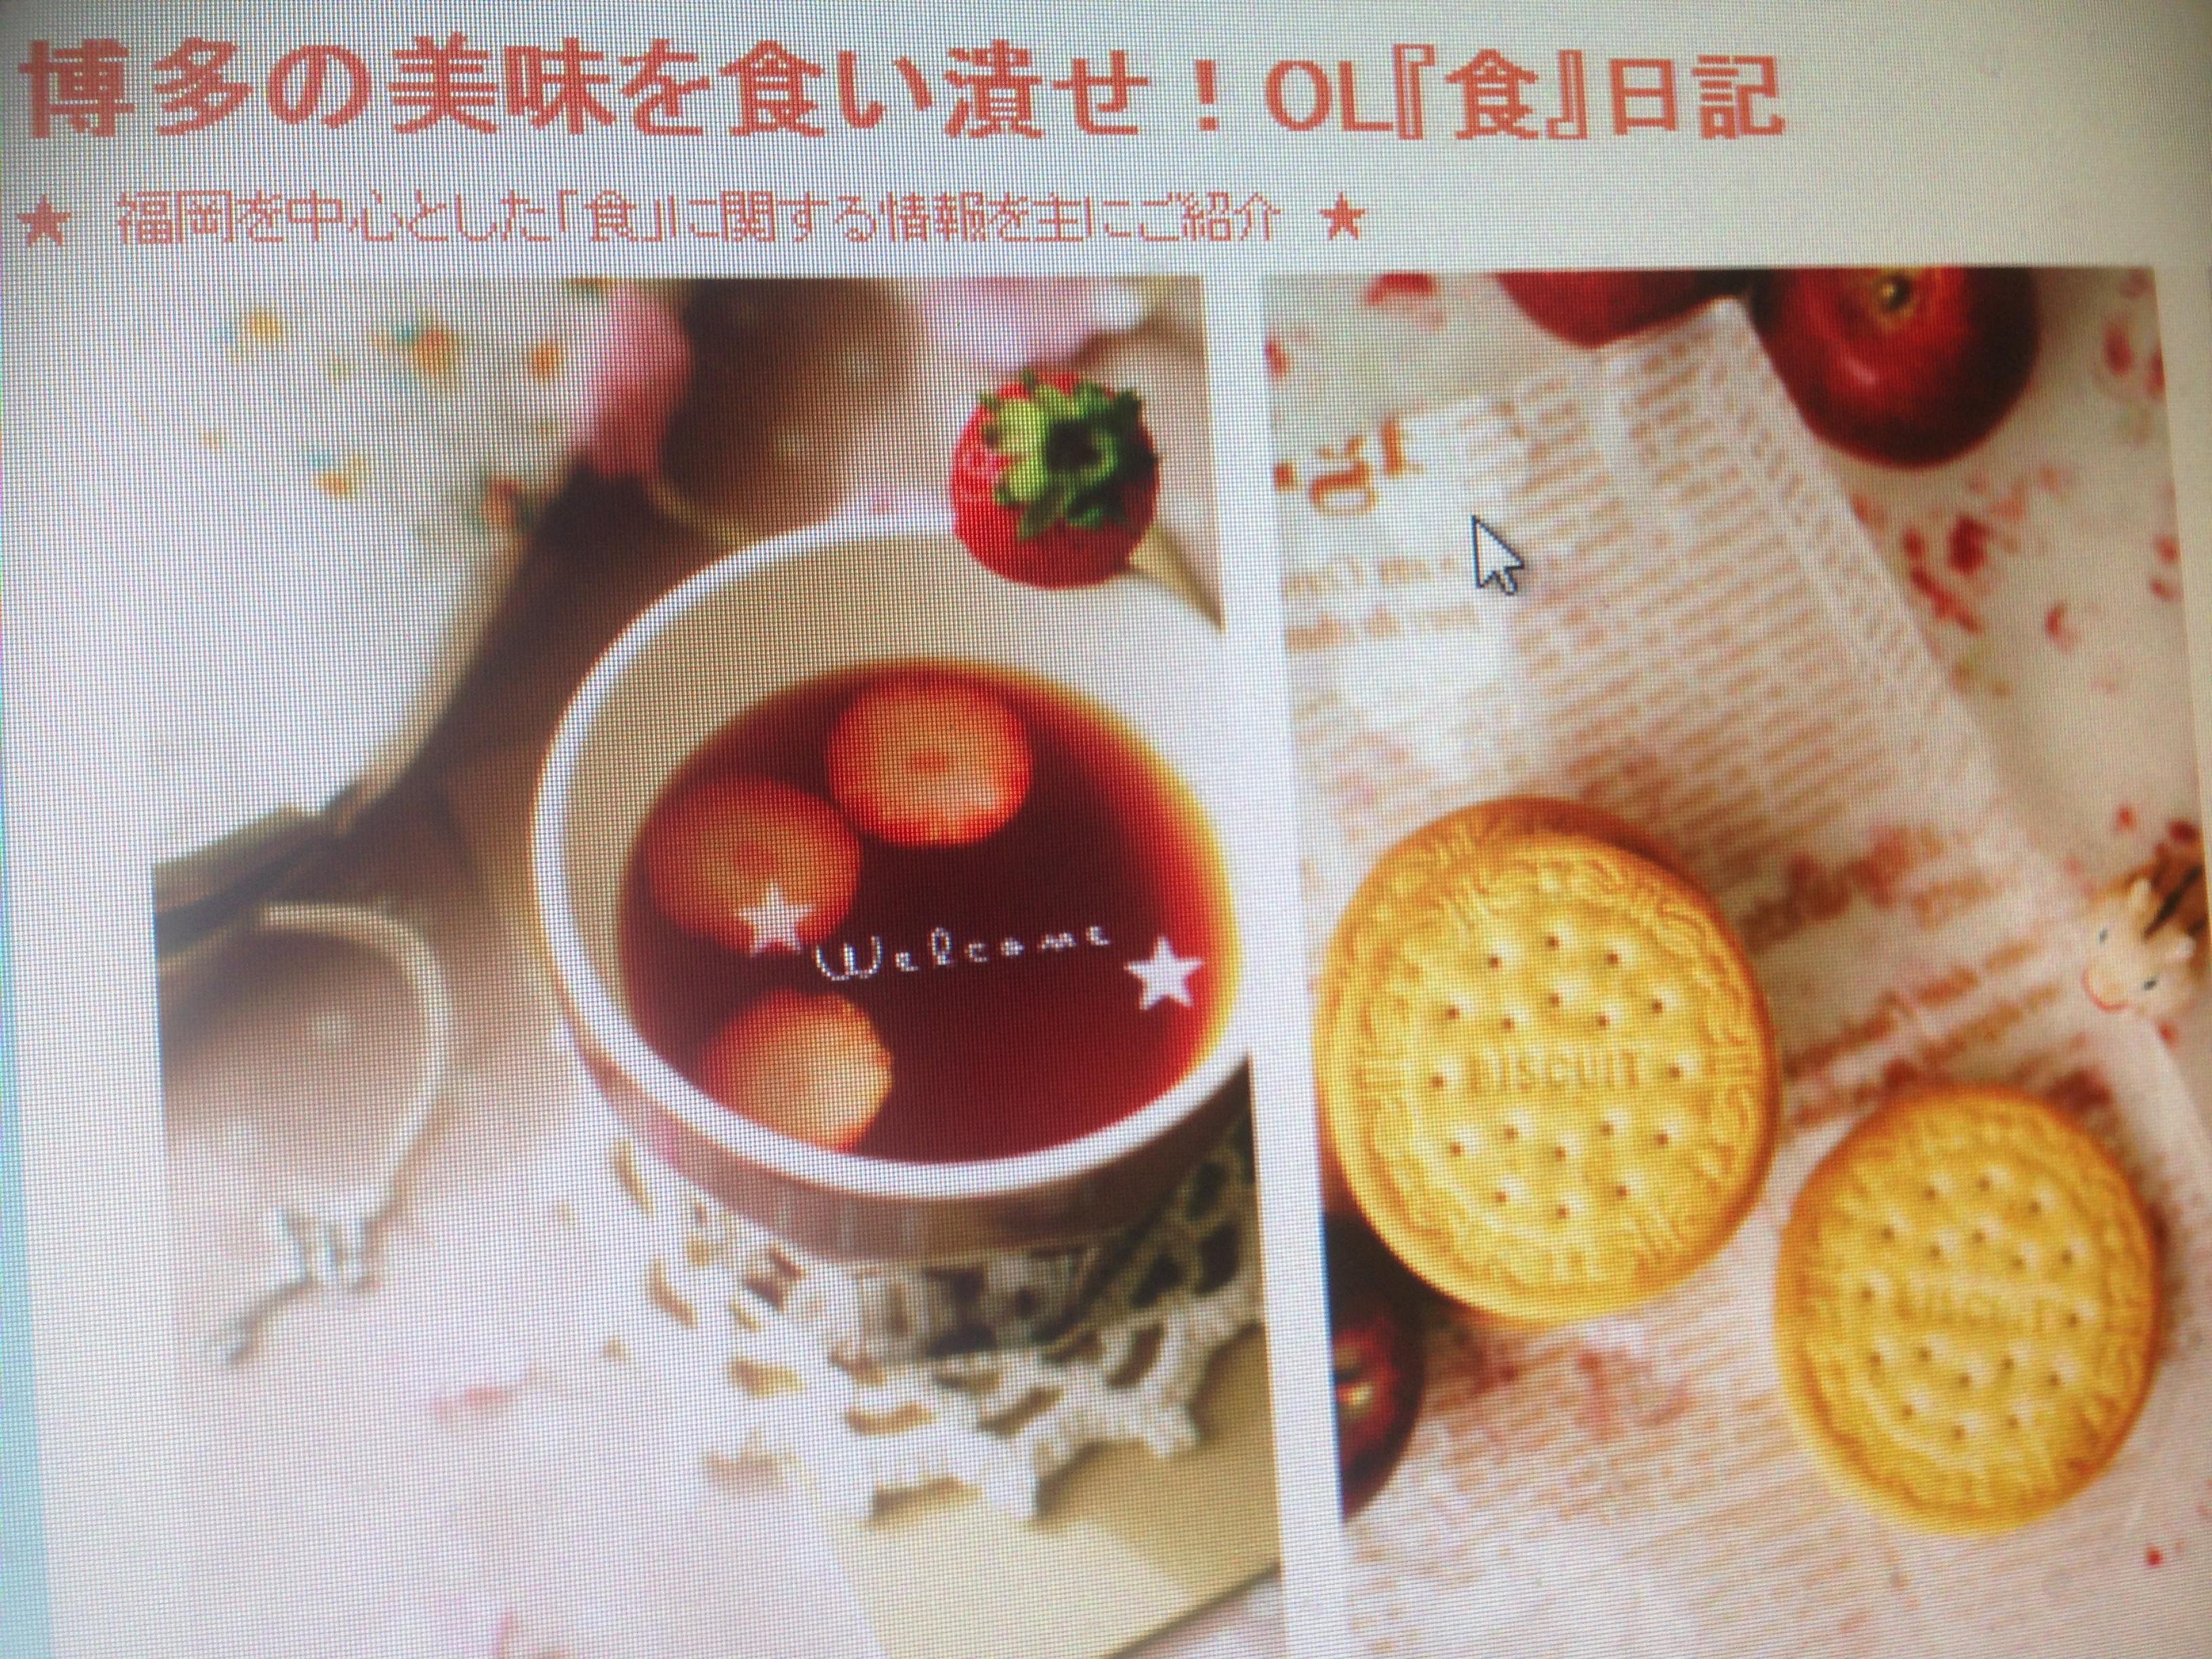 超有名な福岡の食ブログを紹介!おいしいお店を時短でみつけたい時に役立つサイト。